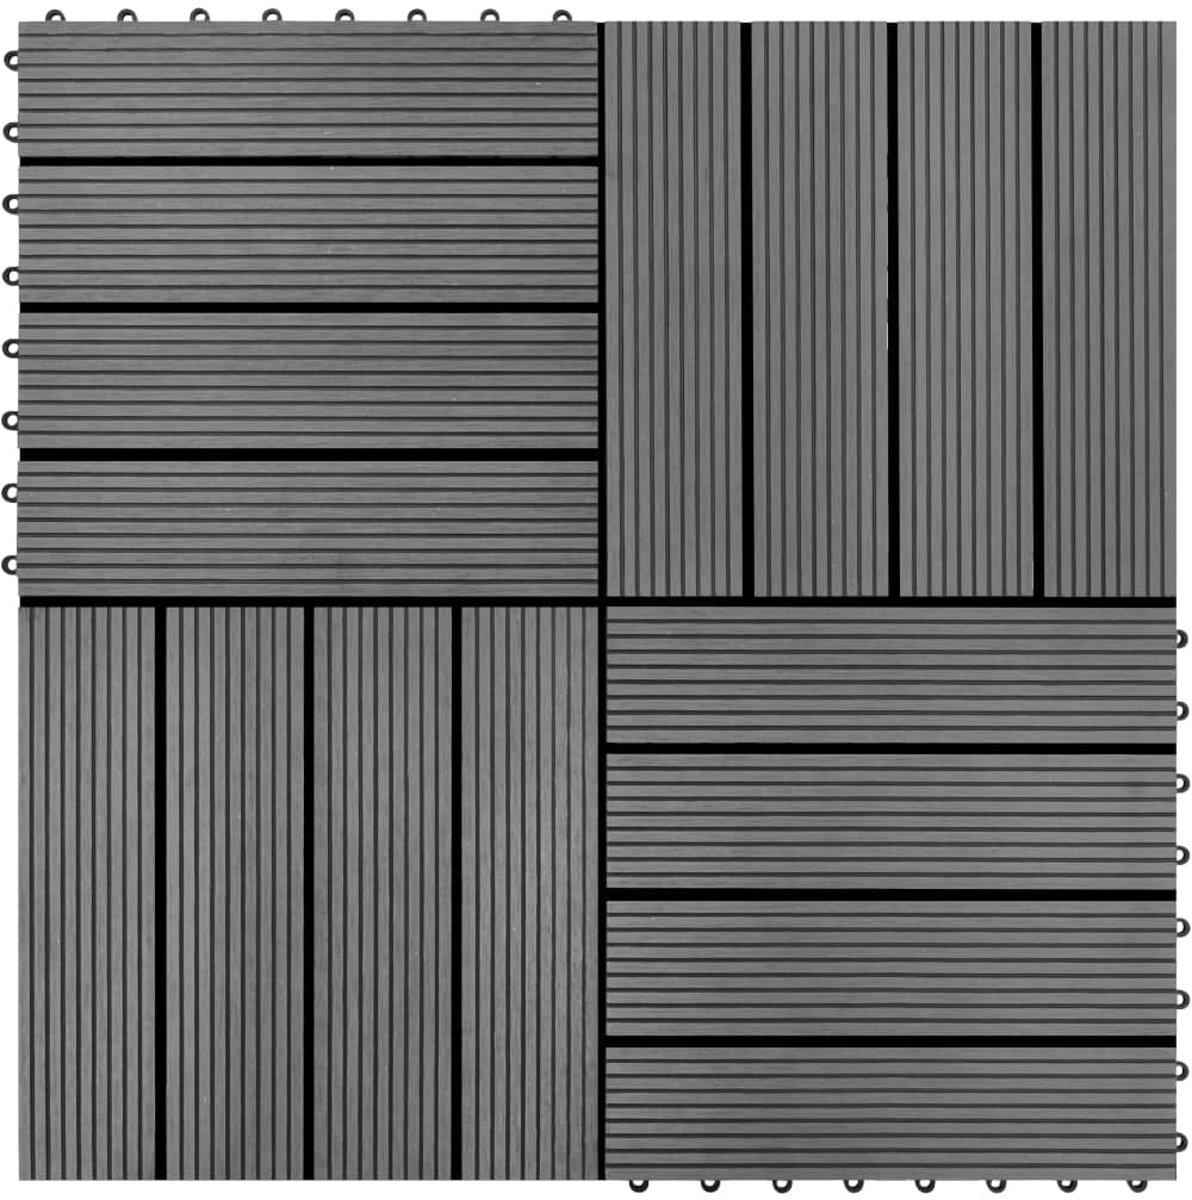 vidaXL HKC tegels grijs 30x30 cm 1m² 11 st kopen